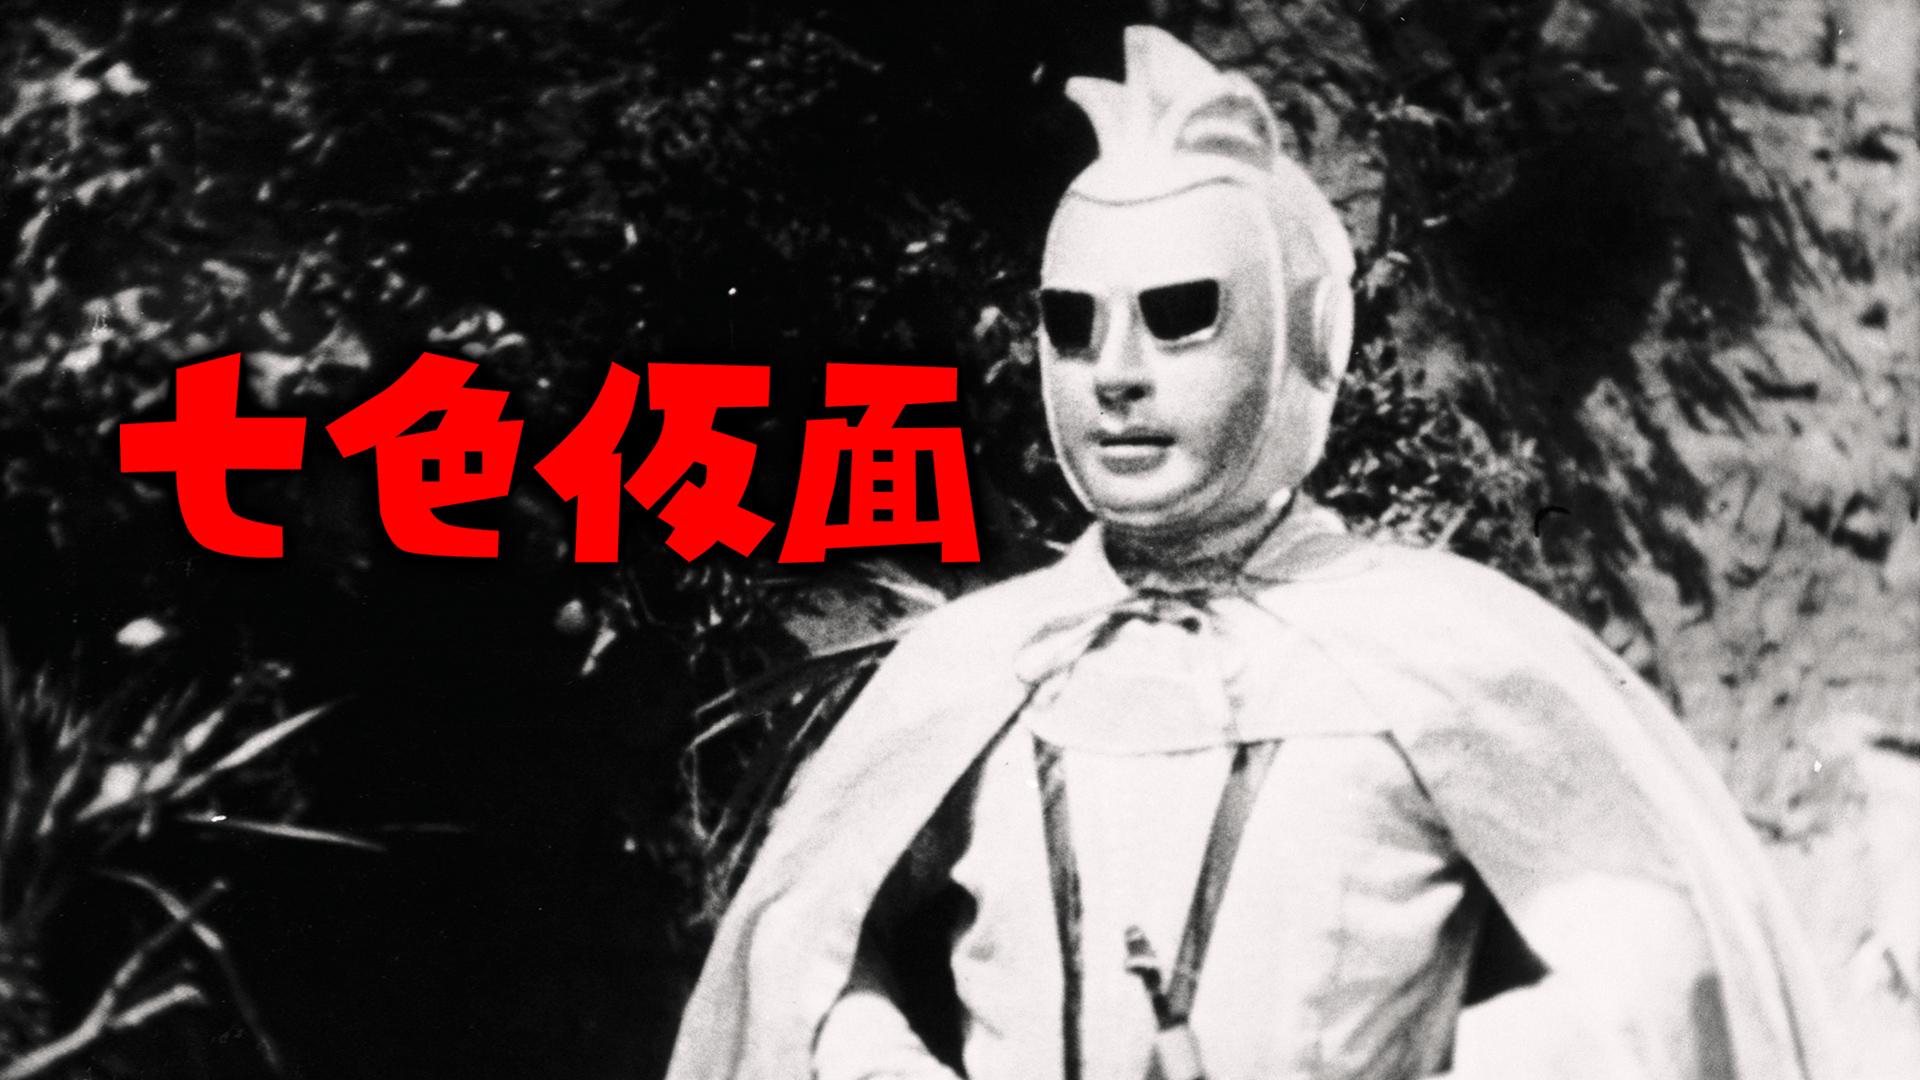 「七色仮面」劇場版シリーズ